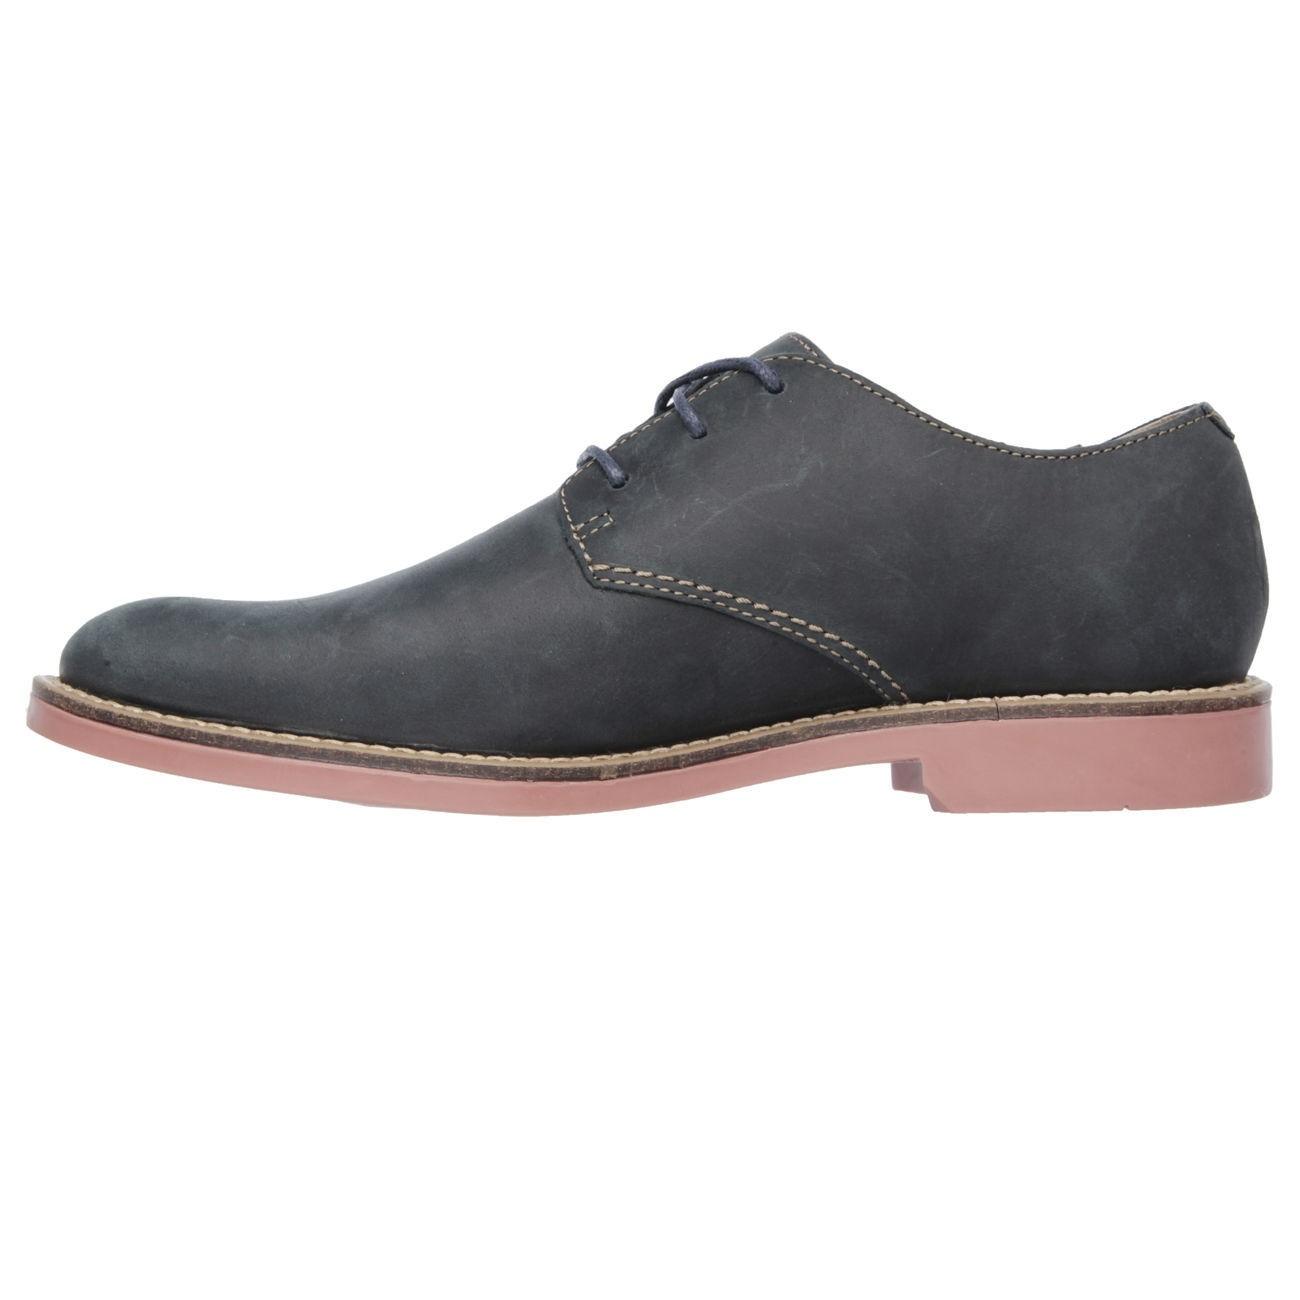 کفش مردانه اسکیچرز مدل MARK NASON کد NVY/68221